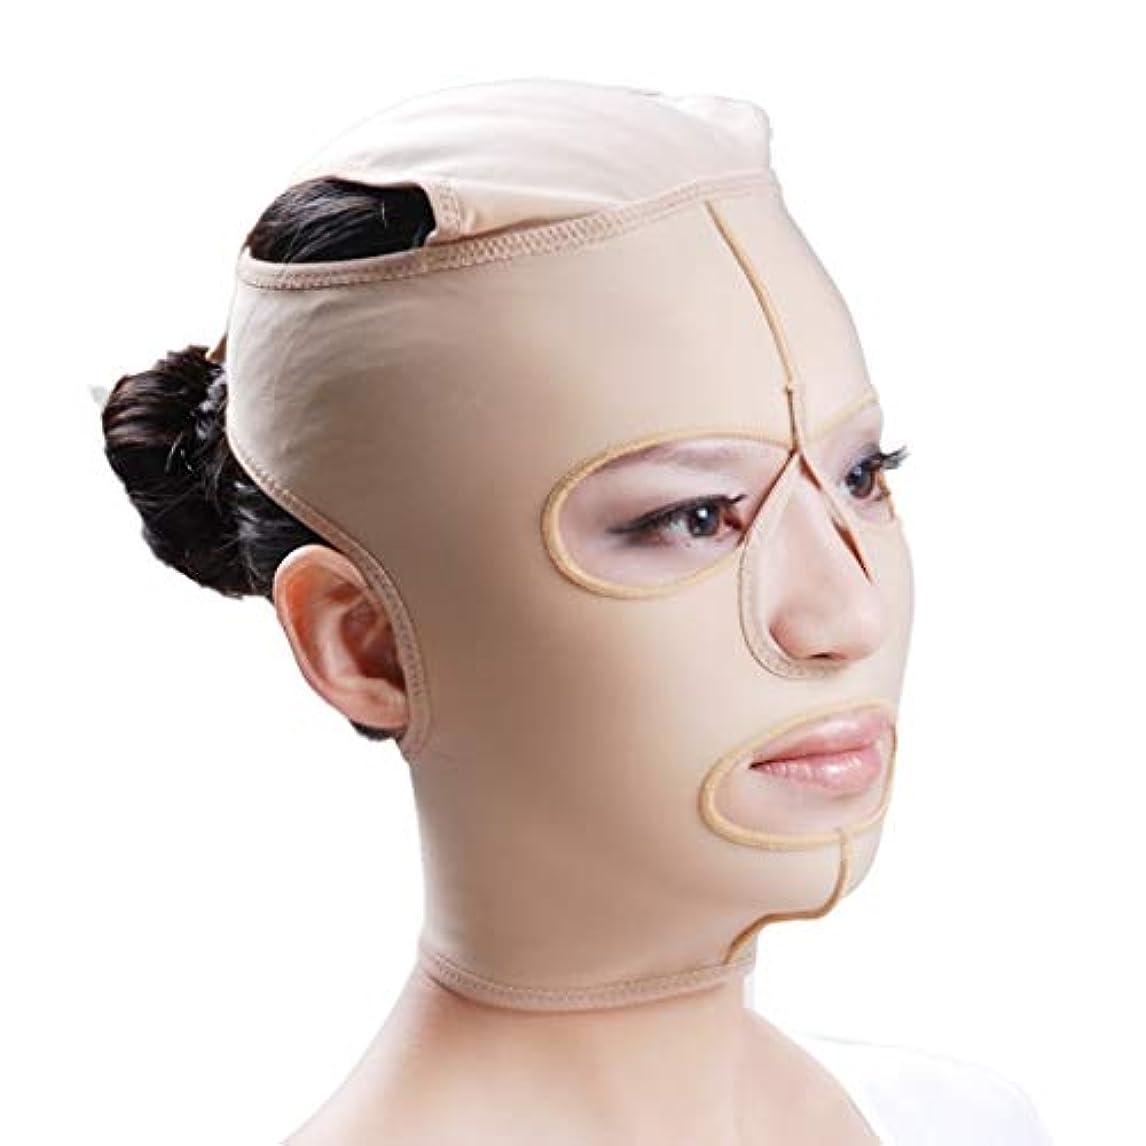 首相期待して肉のフェイスリフトマスク、フルフェイスマスク後の顔の脂肪吸引医療グレードの圧力顔ダブルチンプラスチック脂肪吸引弾性包帯ヘッドギアマルチコードオプション (Size : S)